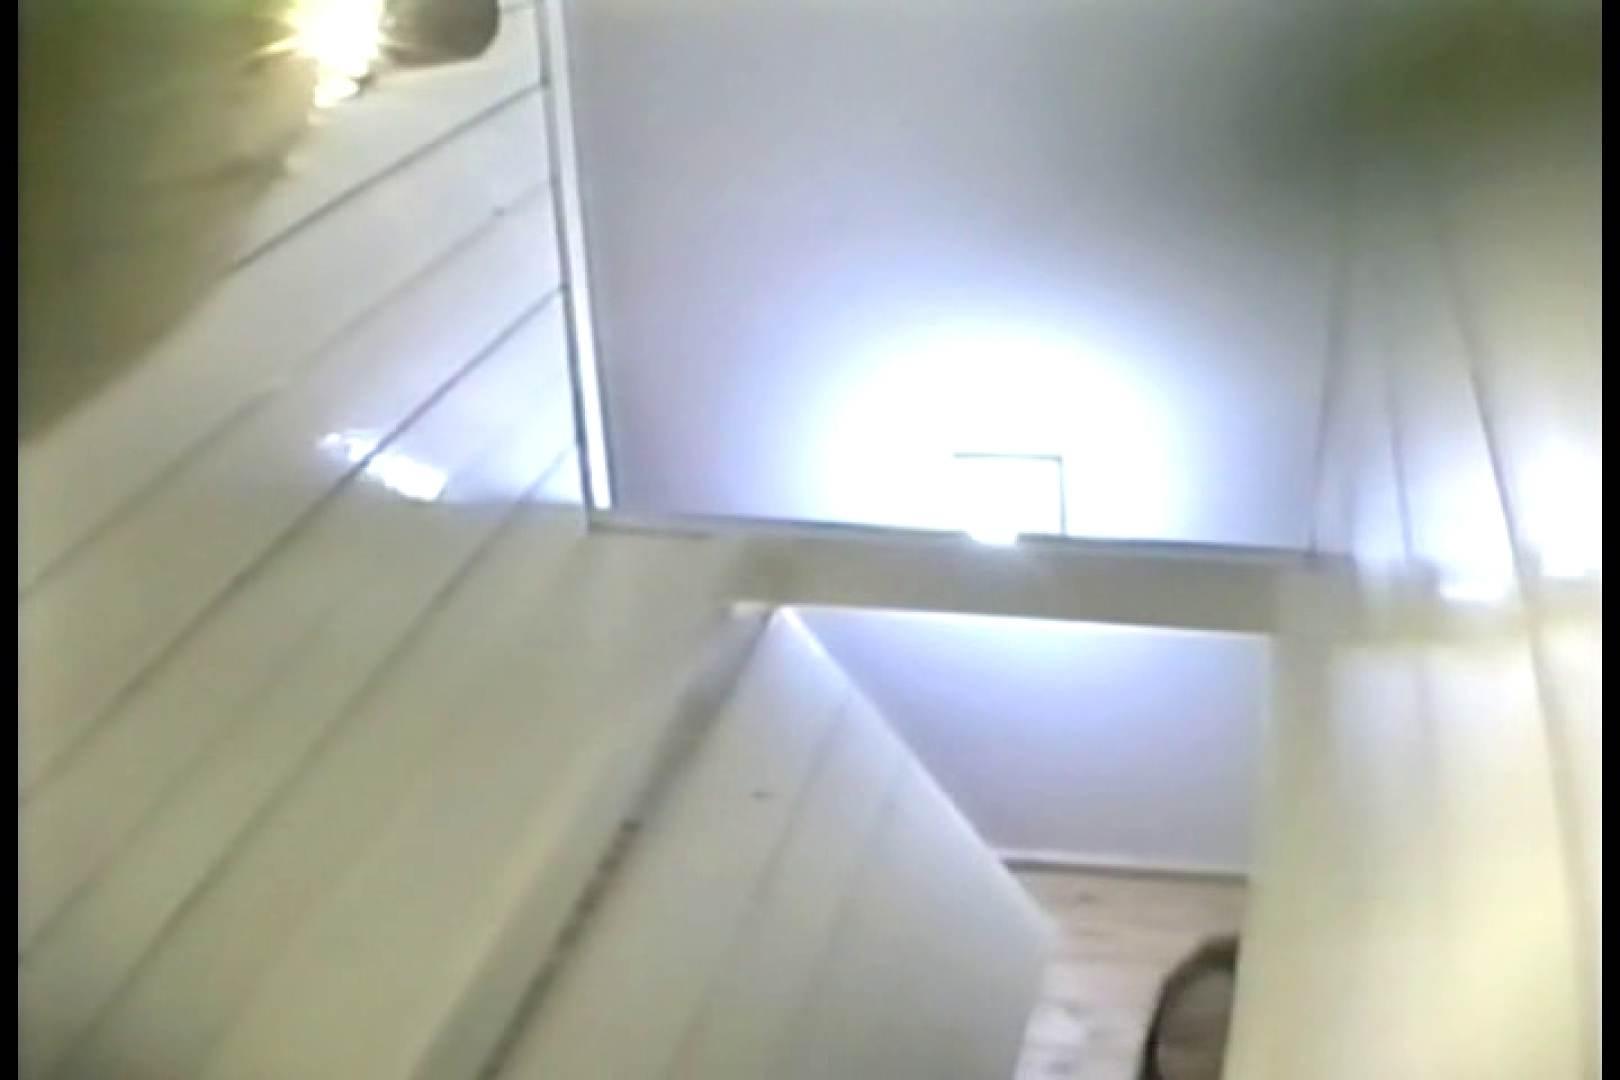 高画質版!SPD-072 PEEPING WC SPY-CAM 総集編SPECIAL 高画質 | 名作映像  113PIX 67